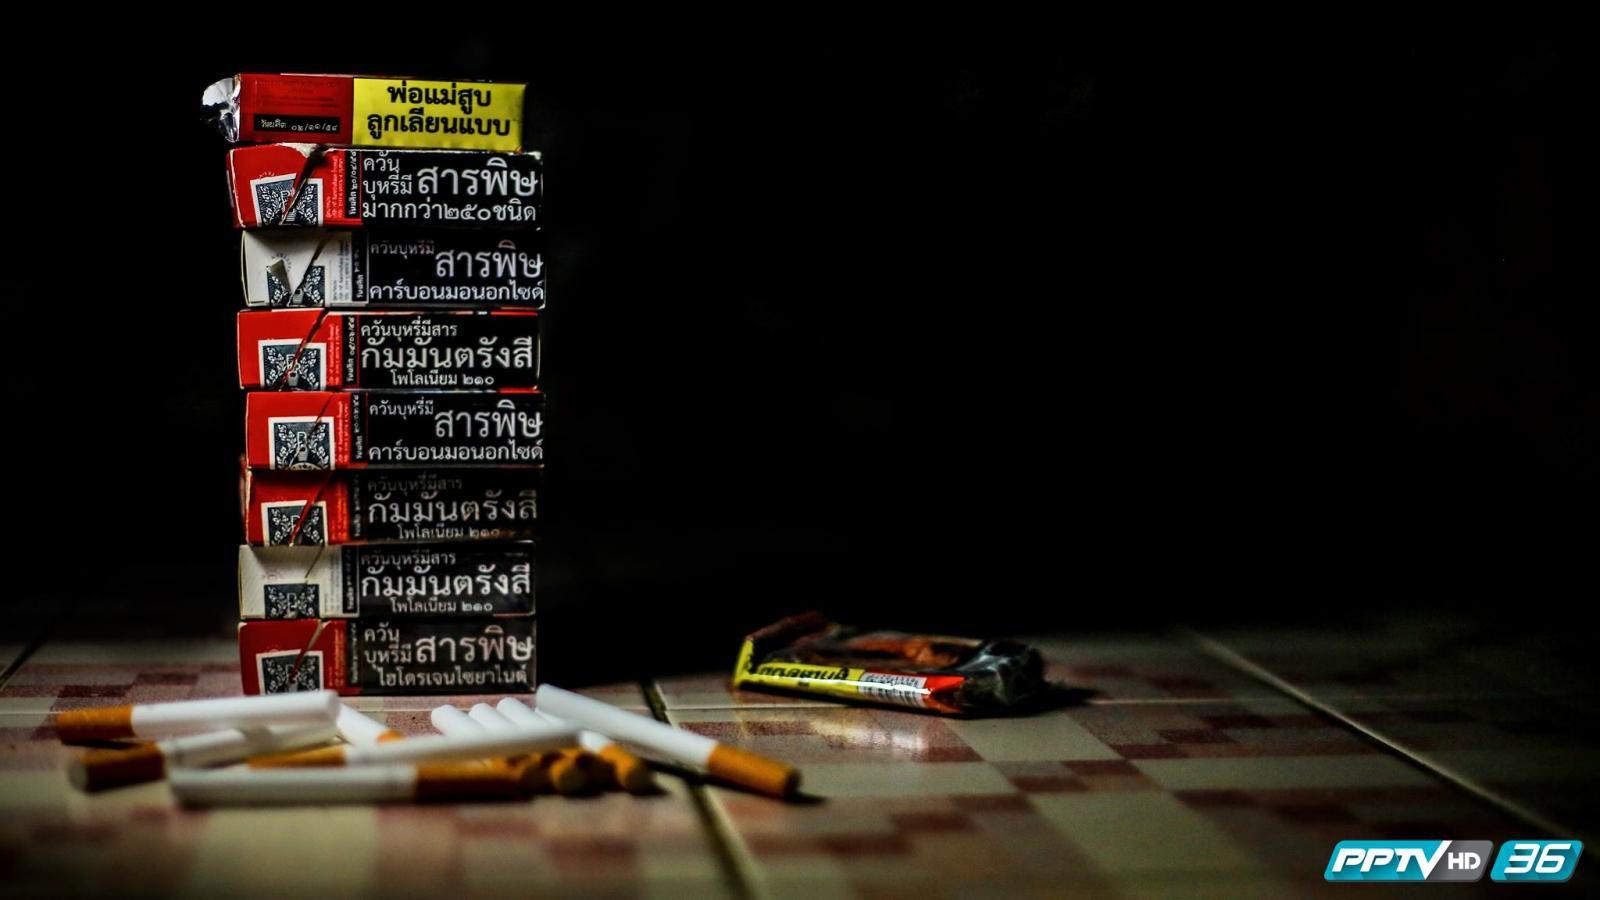 31 พฤษภาคม วันงดสูบบุรี่โลก